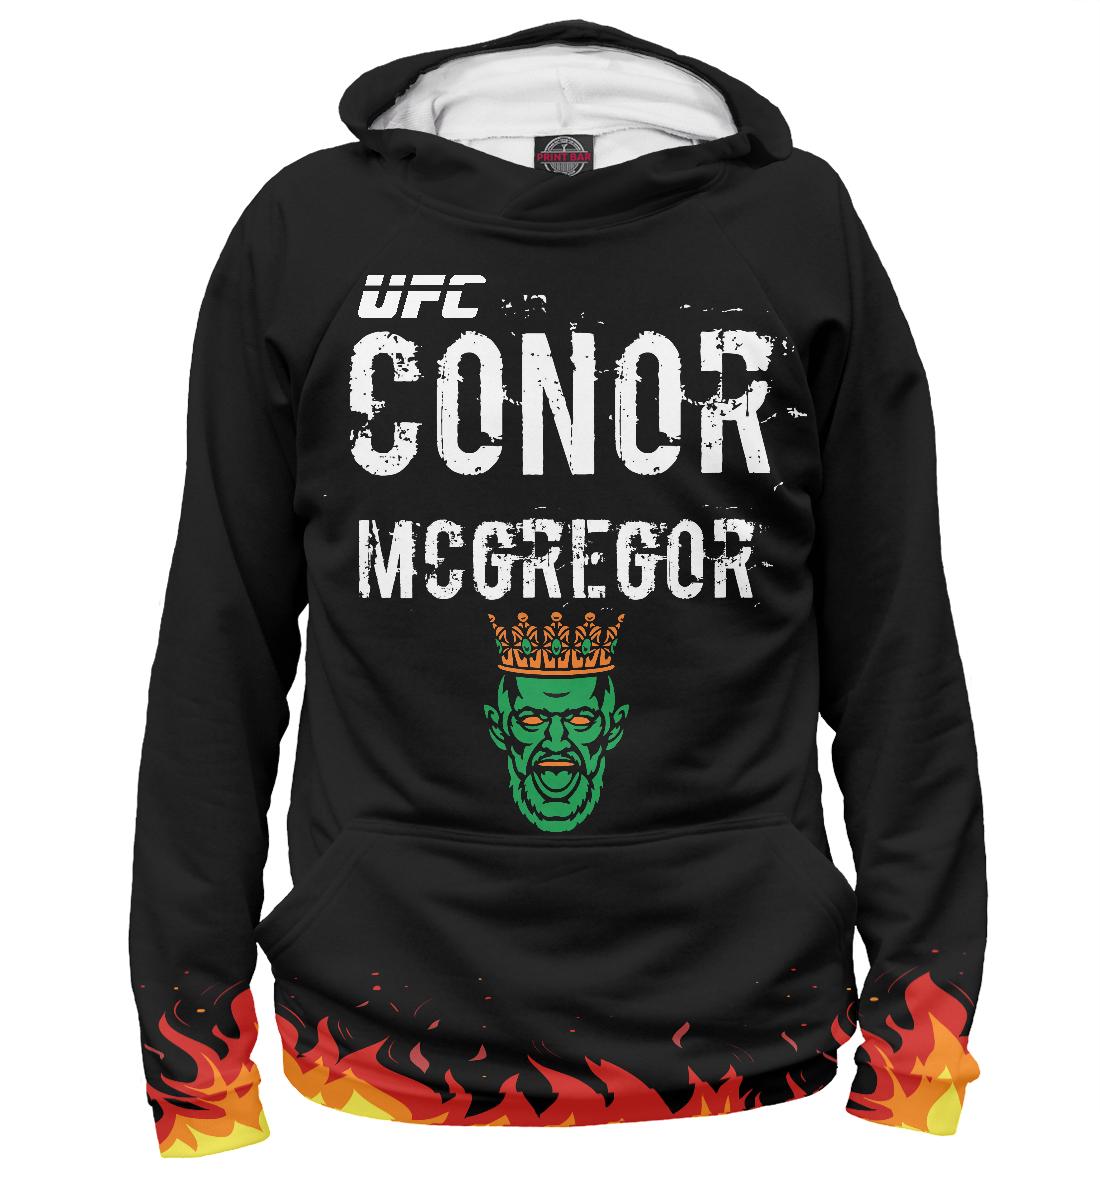 Купить Пламя | UFC Conor McGregor, Printbar, Худи, MCG-542716-hud-2